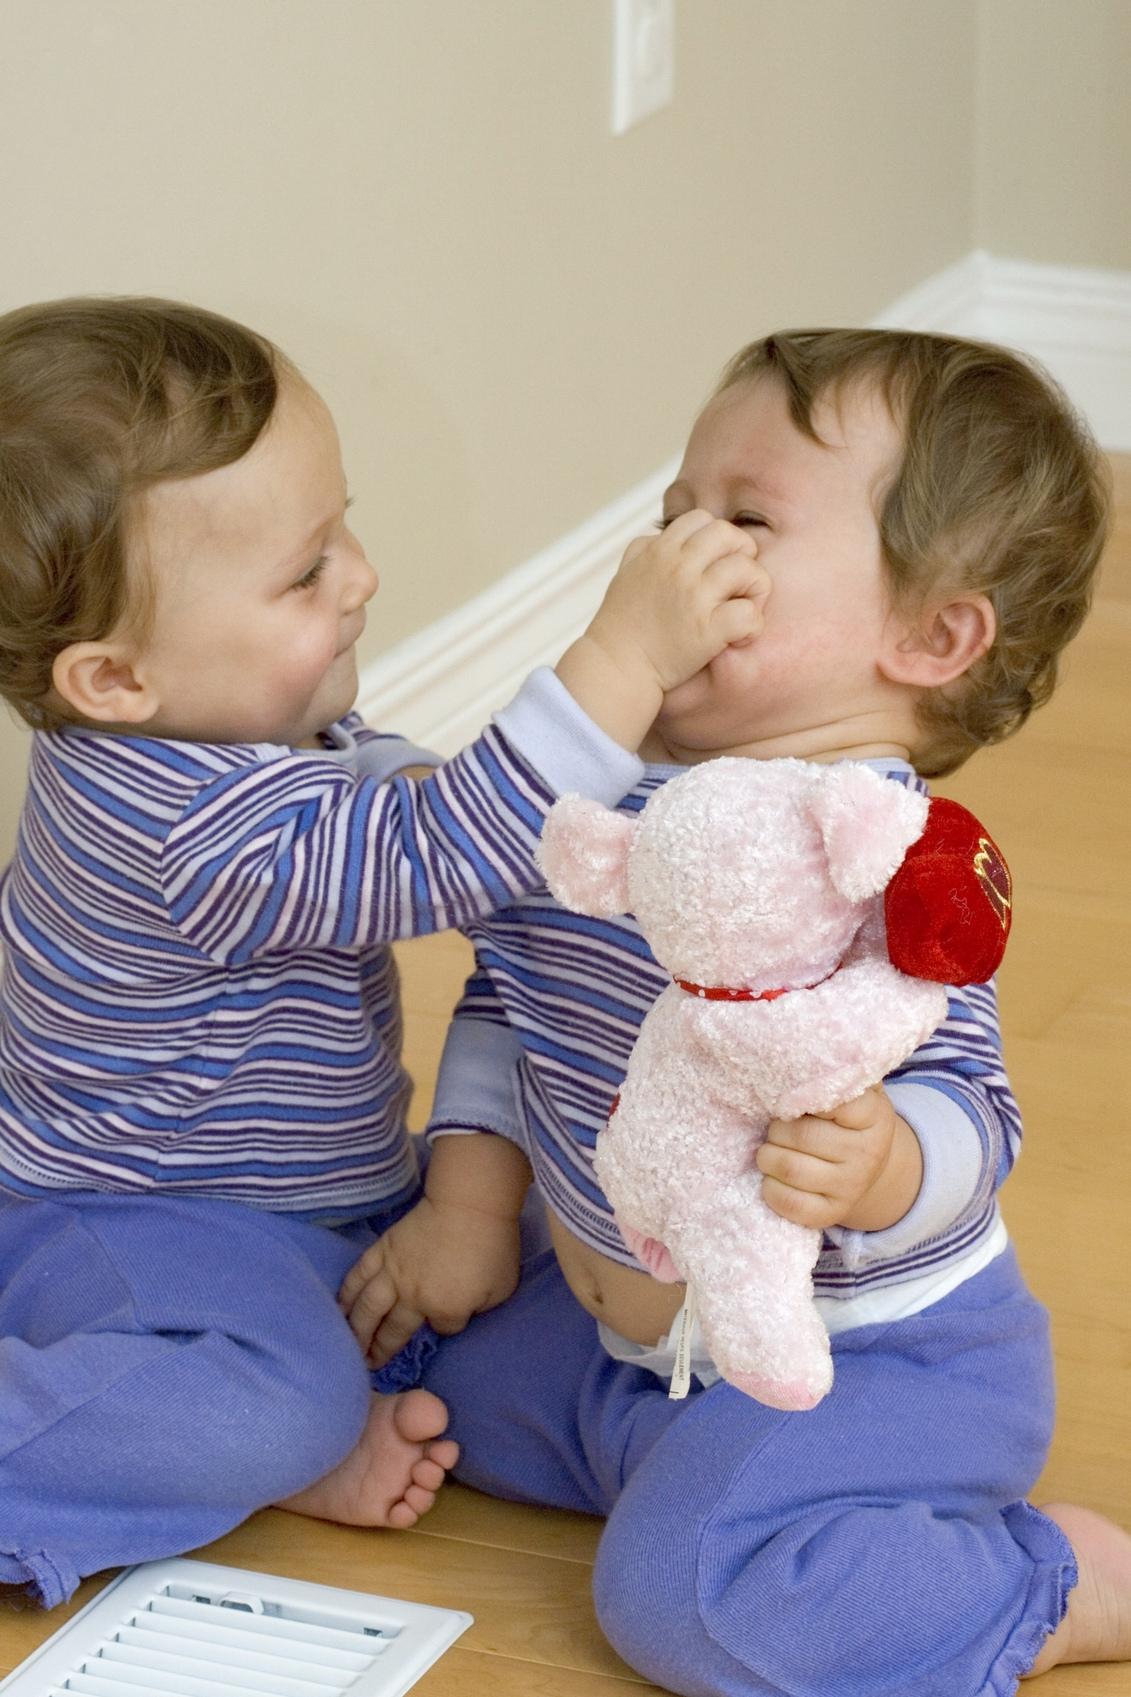 conflit entre petits enfants